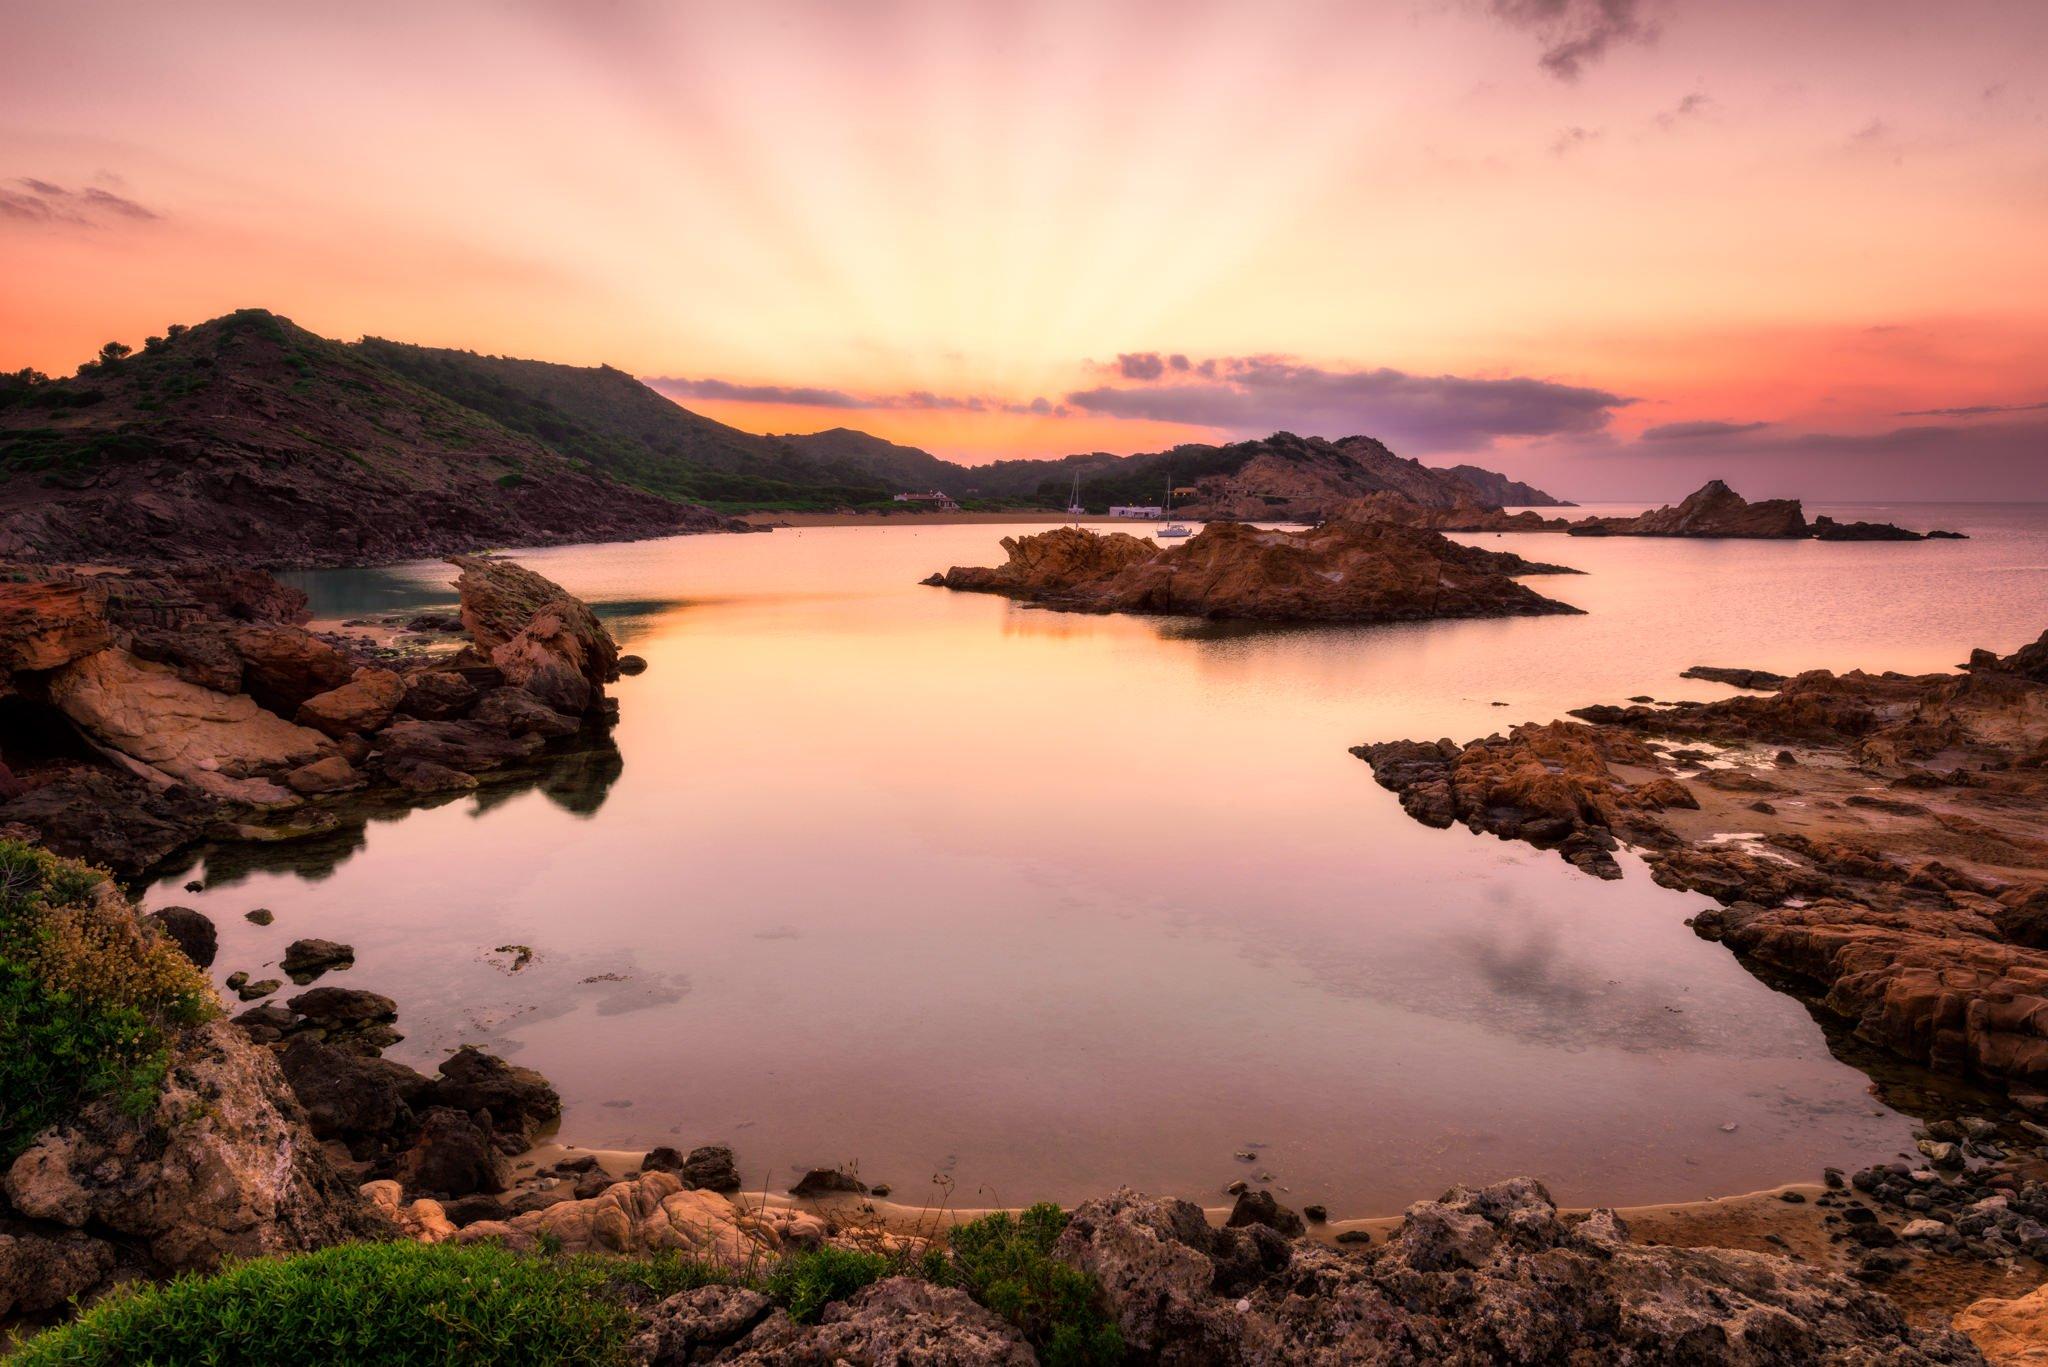 Cala Pregonda auf der Insel Menorca während eines Sonnenuntergangs.